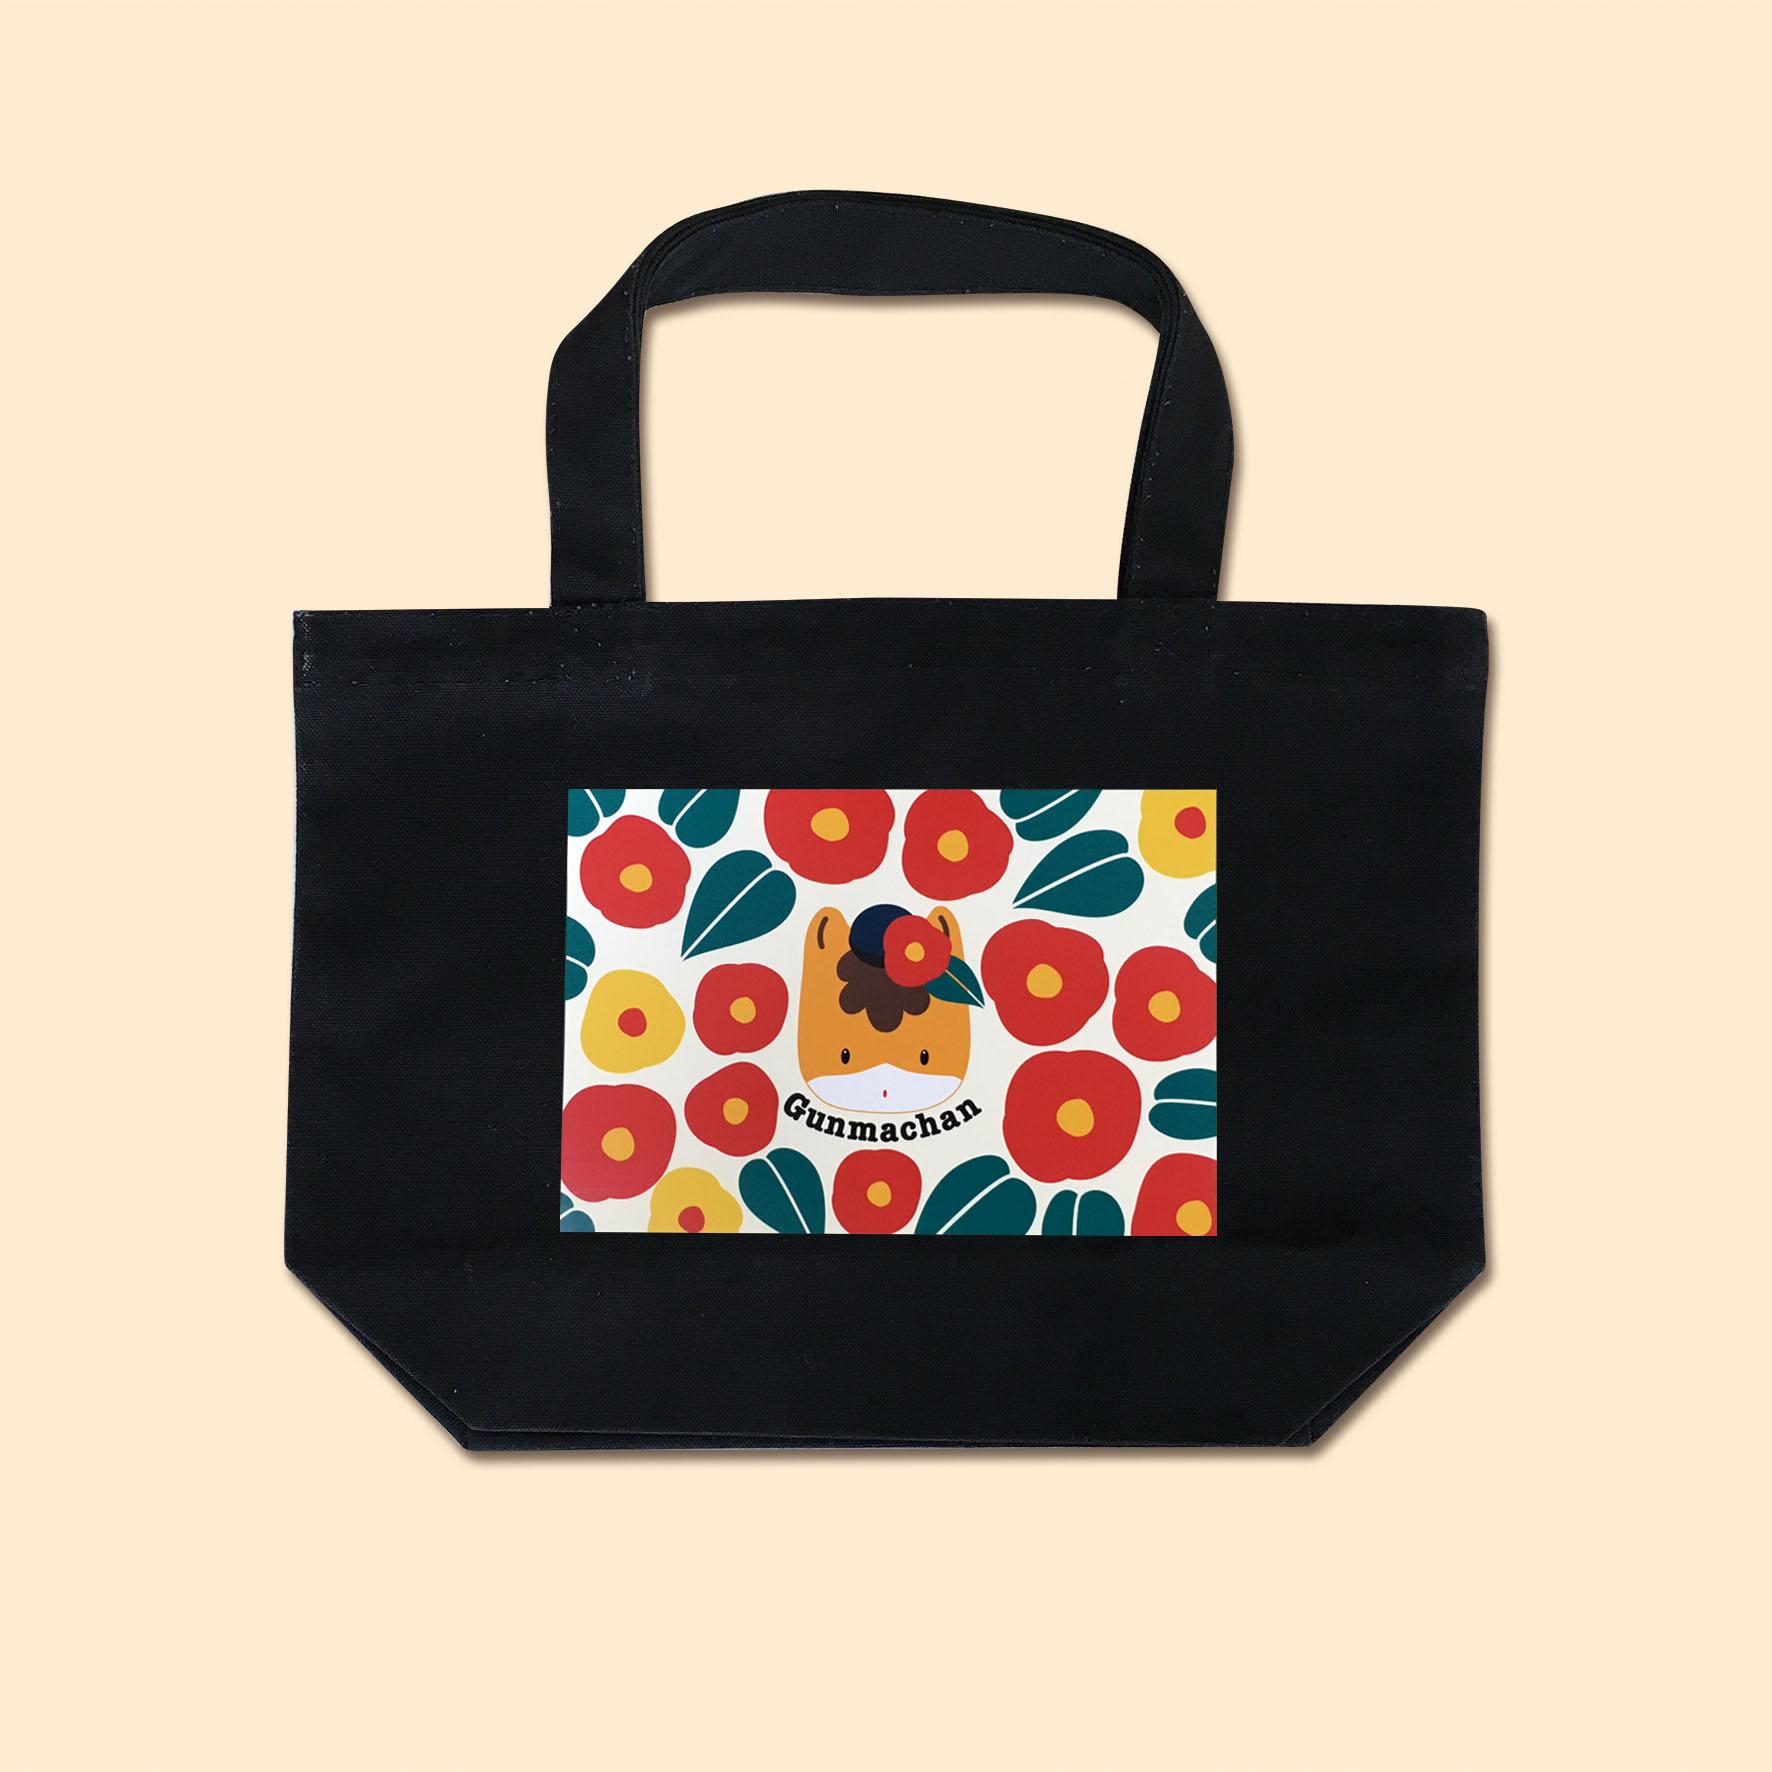 【お買い物に♪】ぐんまちゃんトートバッグ(ツバキ)Sサイズ